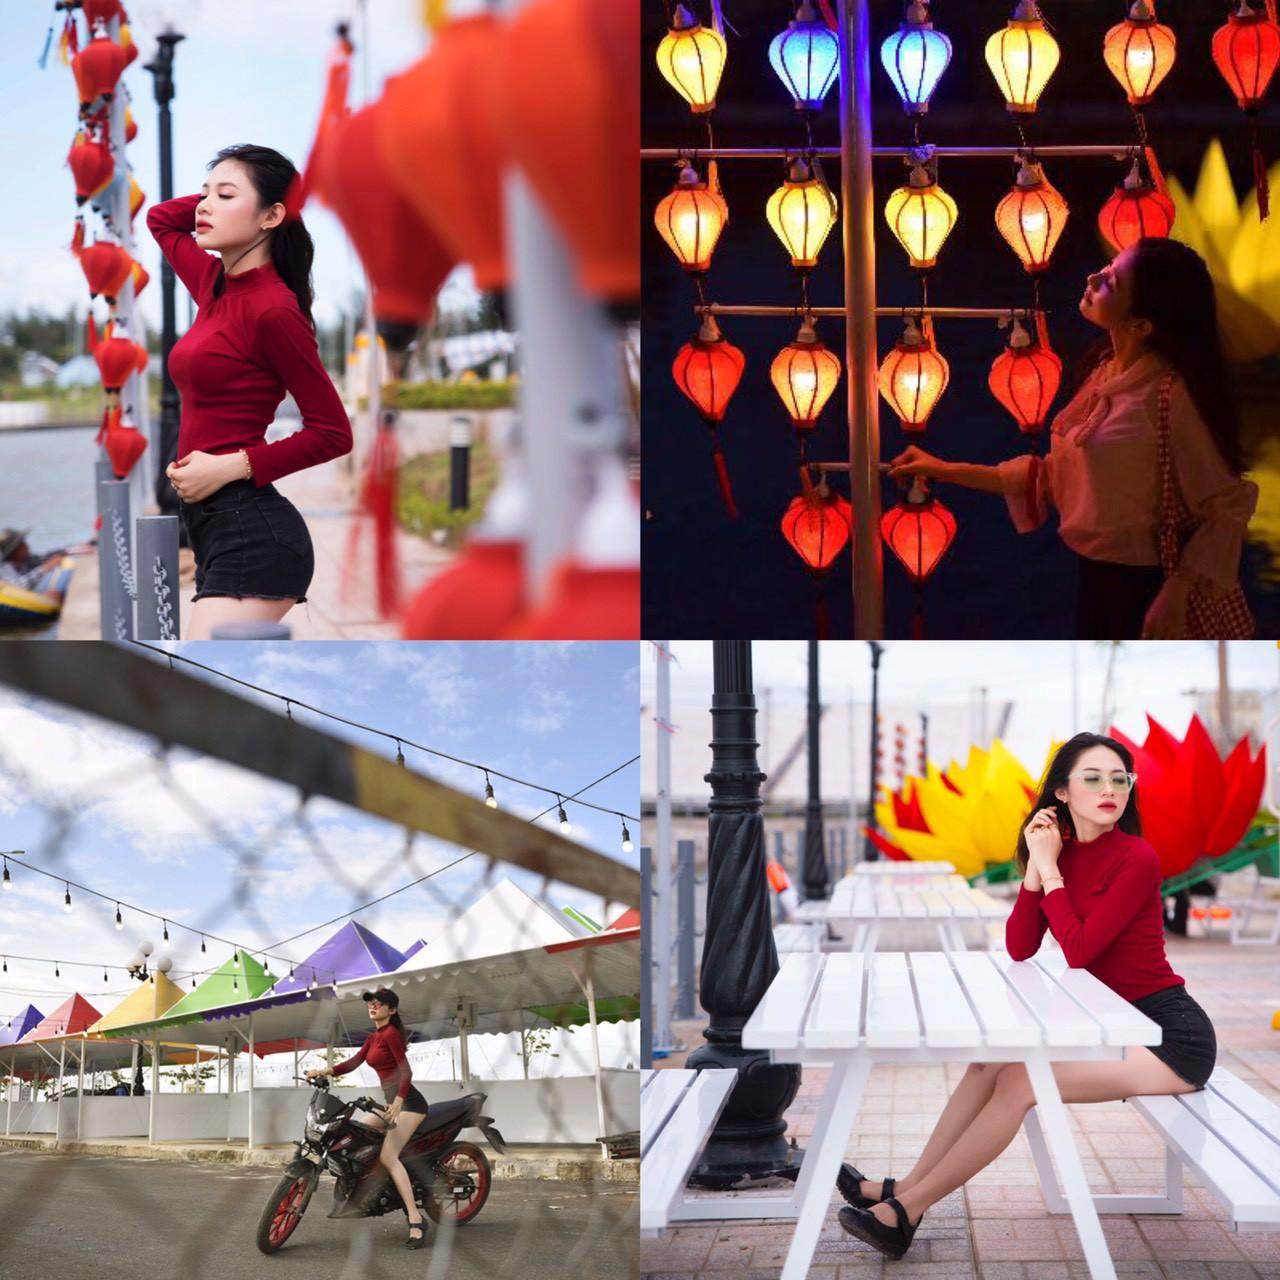 Vừa khai trương, chợ đêm Ha Tien Night Market bất ngờ lọt top điểm đến hấp dẫn phía Nam - Ảnh 10.